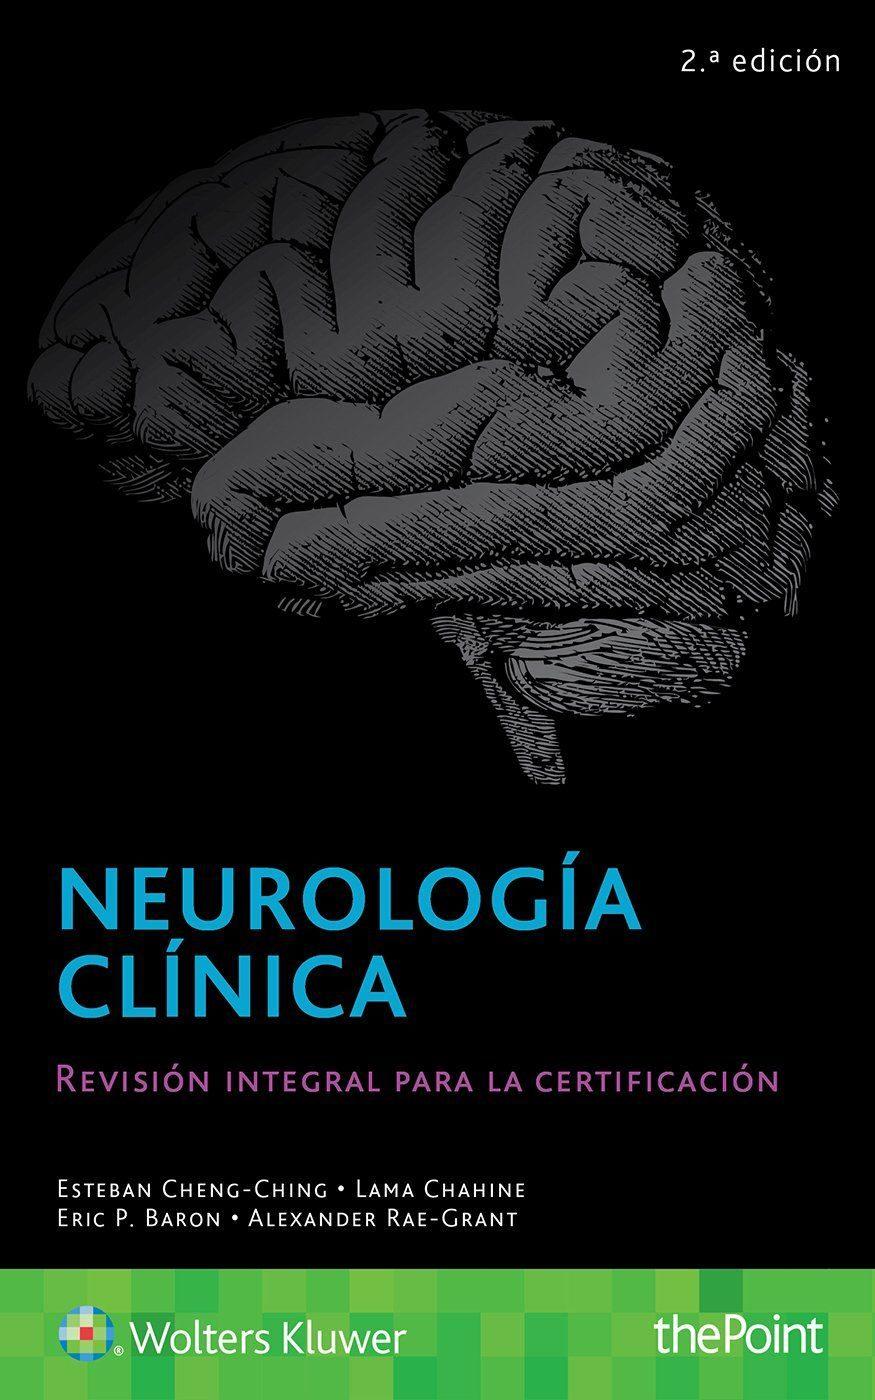 NEUROLOGÍA CLÍNICA (2ª EDICION)   ESTEBAN CHENG-CHING   Comprar ...